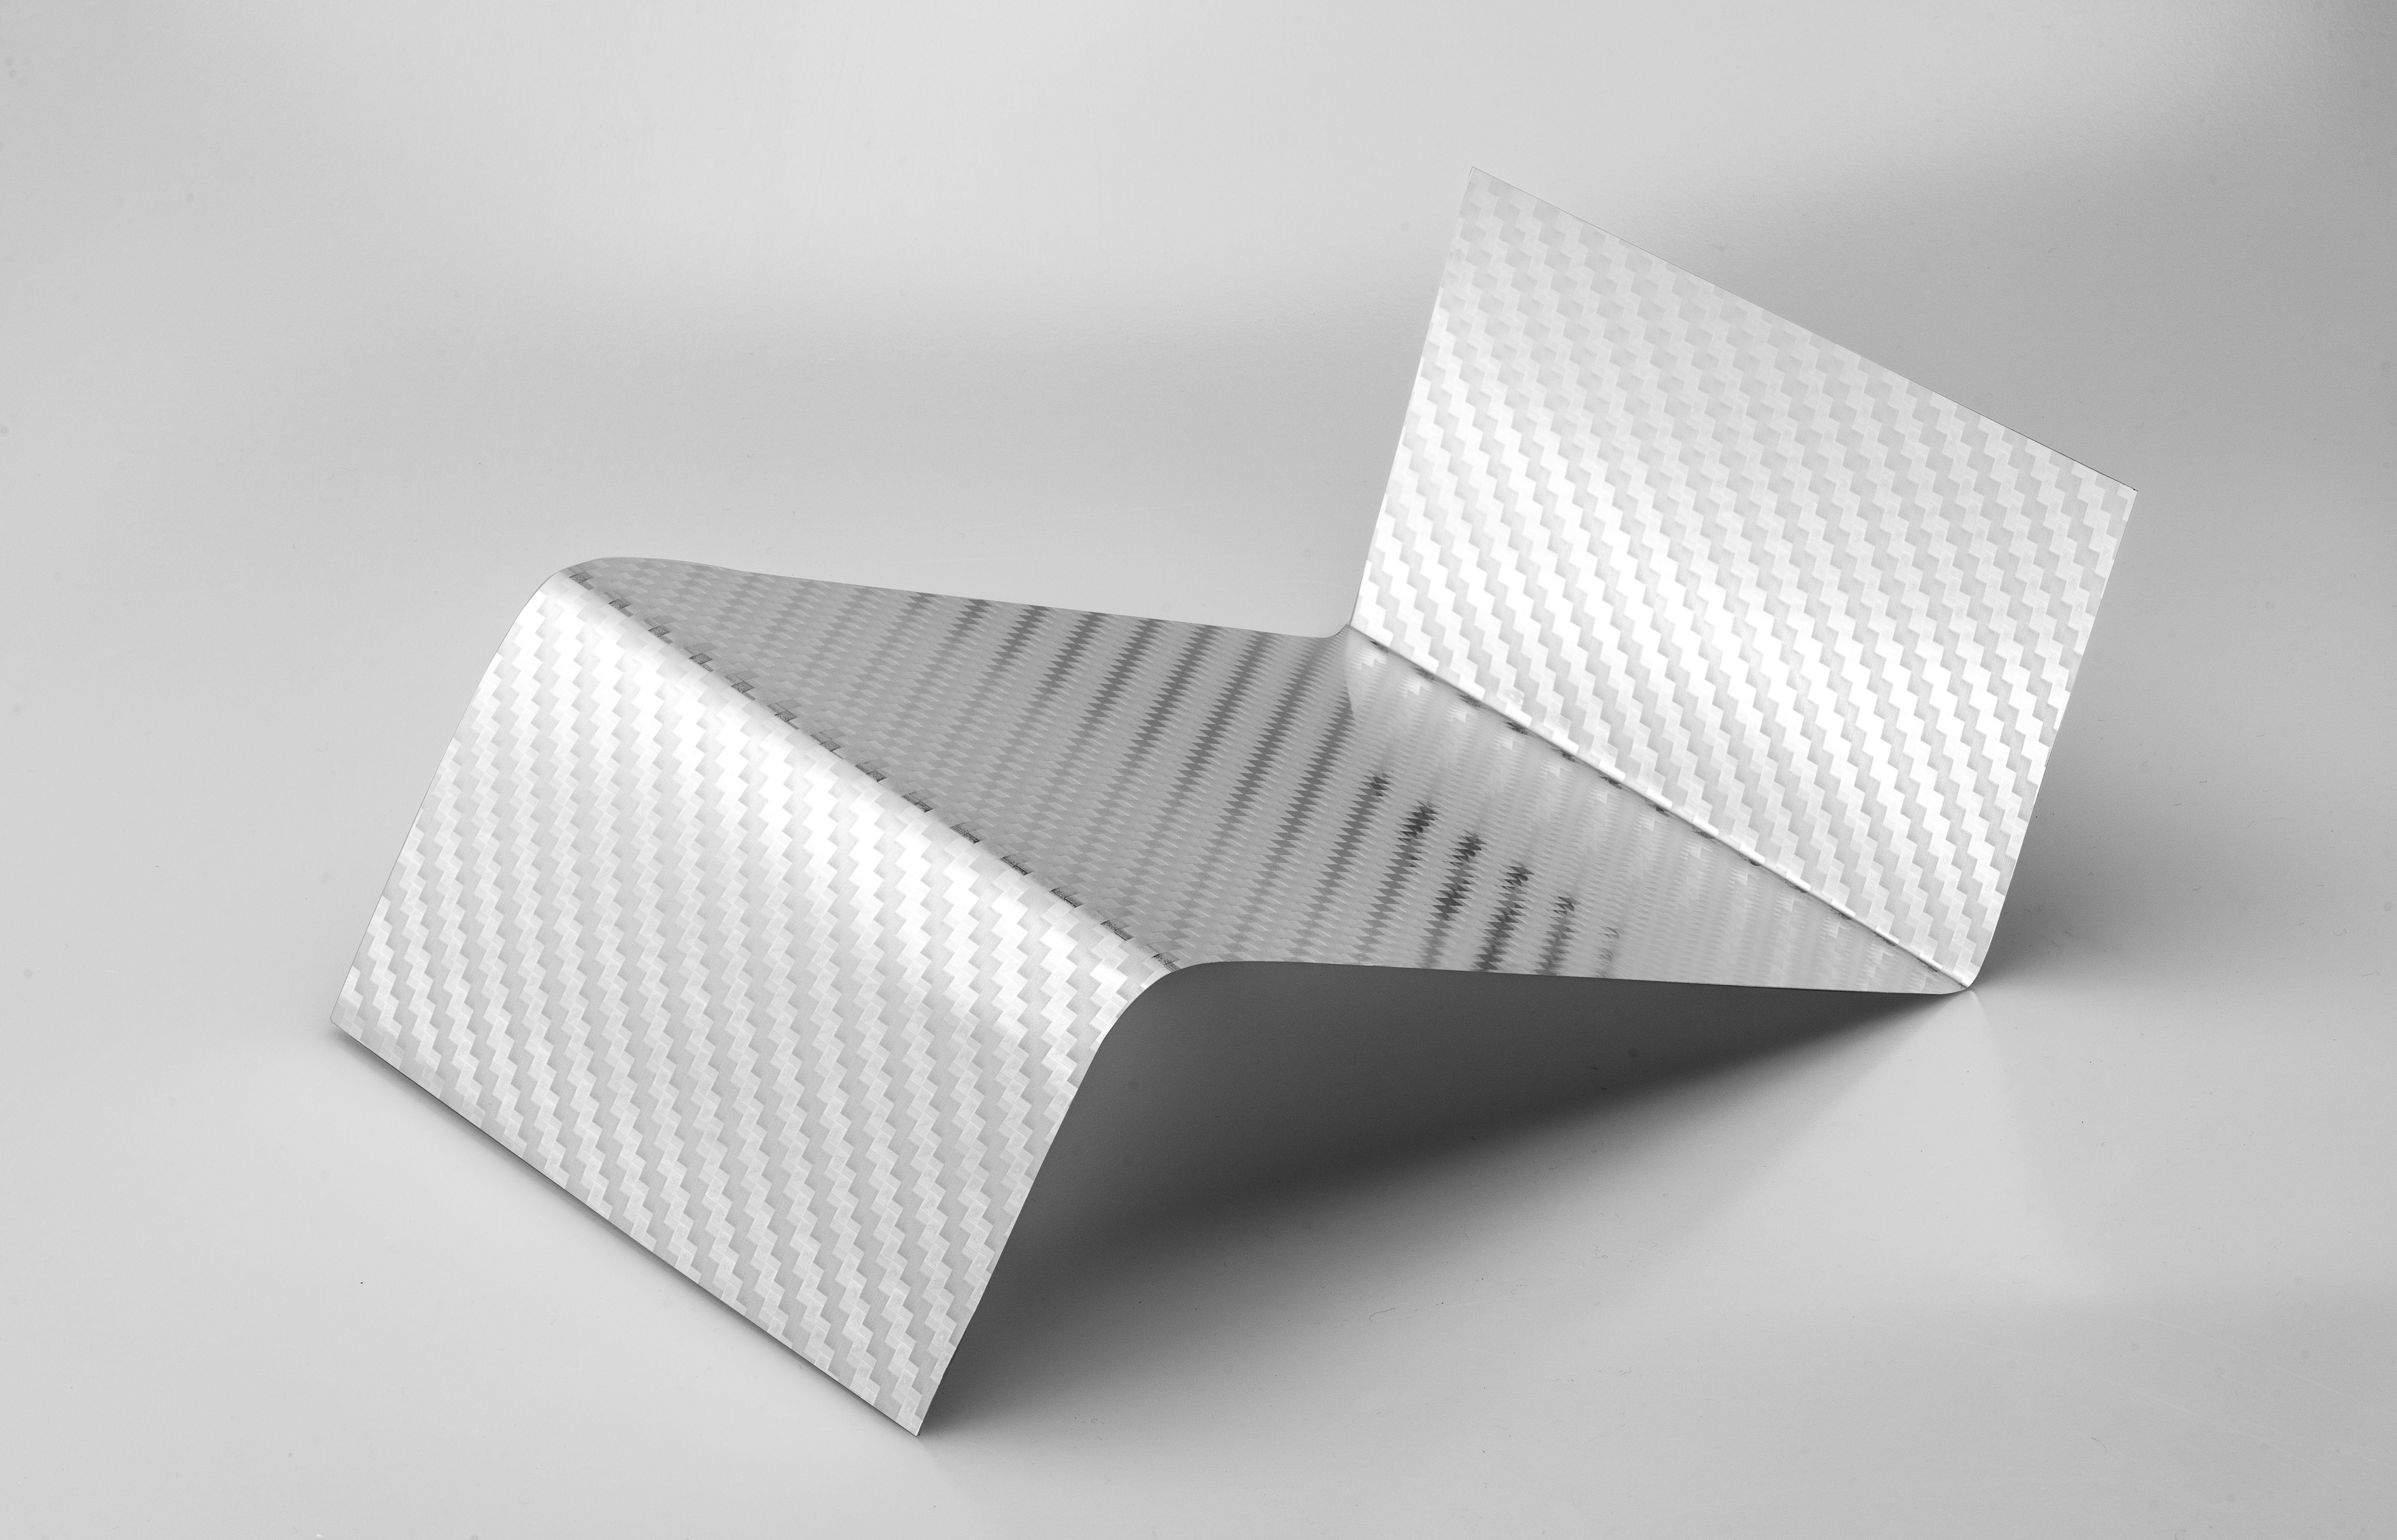 Aludium_Texturandum_Carbonprint-compressor.jpg